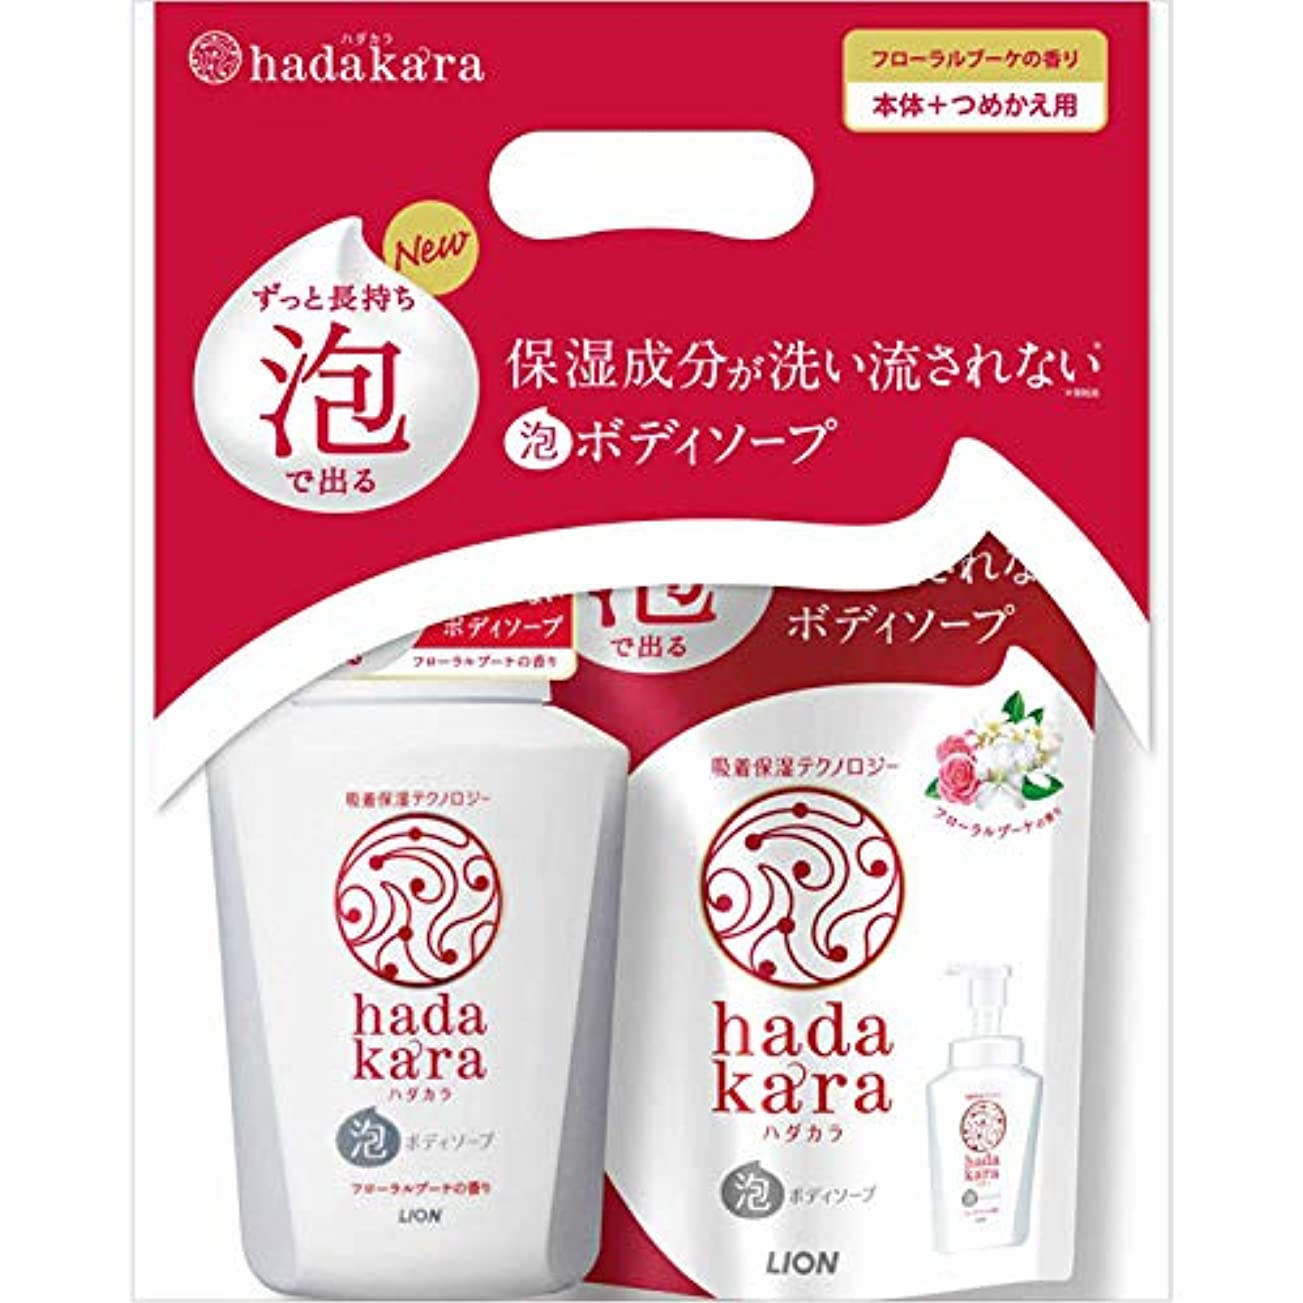 対象くびれた前兆ライオン hadakara泡タイプ 本体+詰替ペアパック フローラルブーケの香り セット